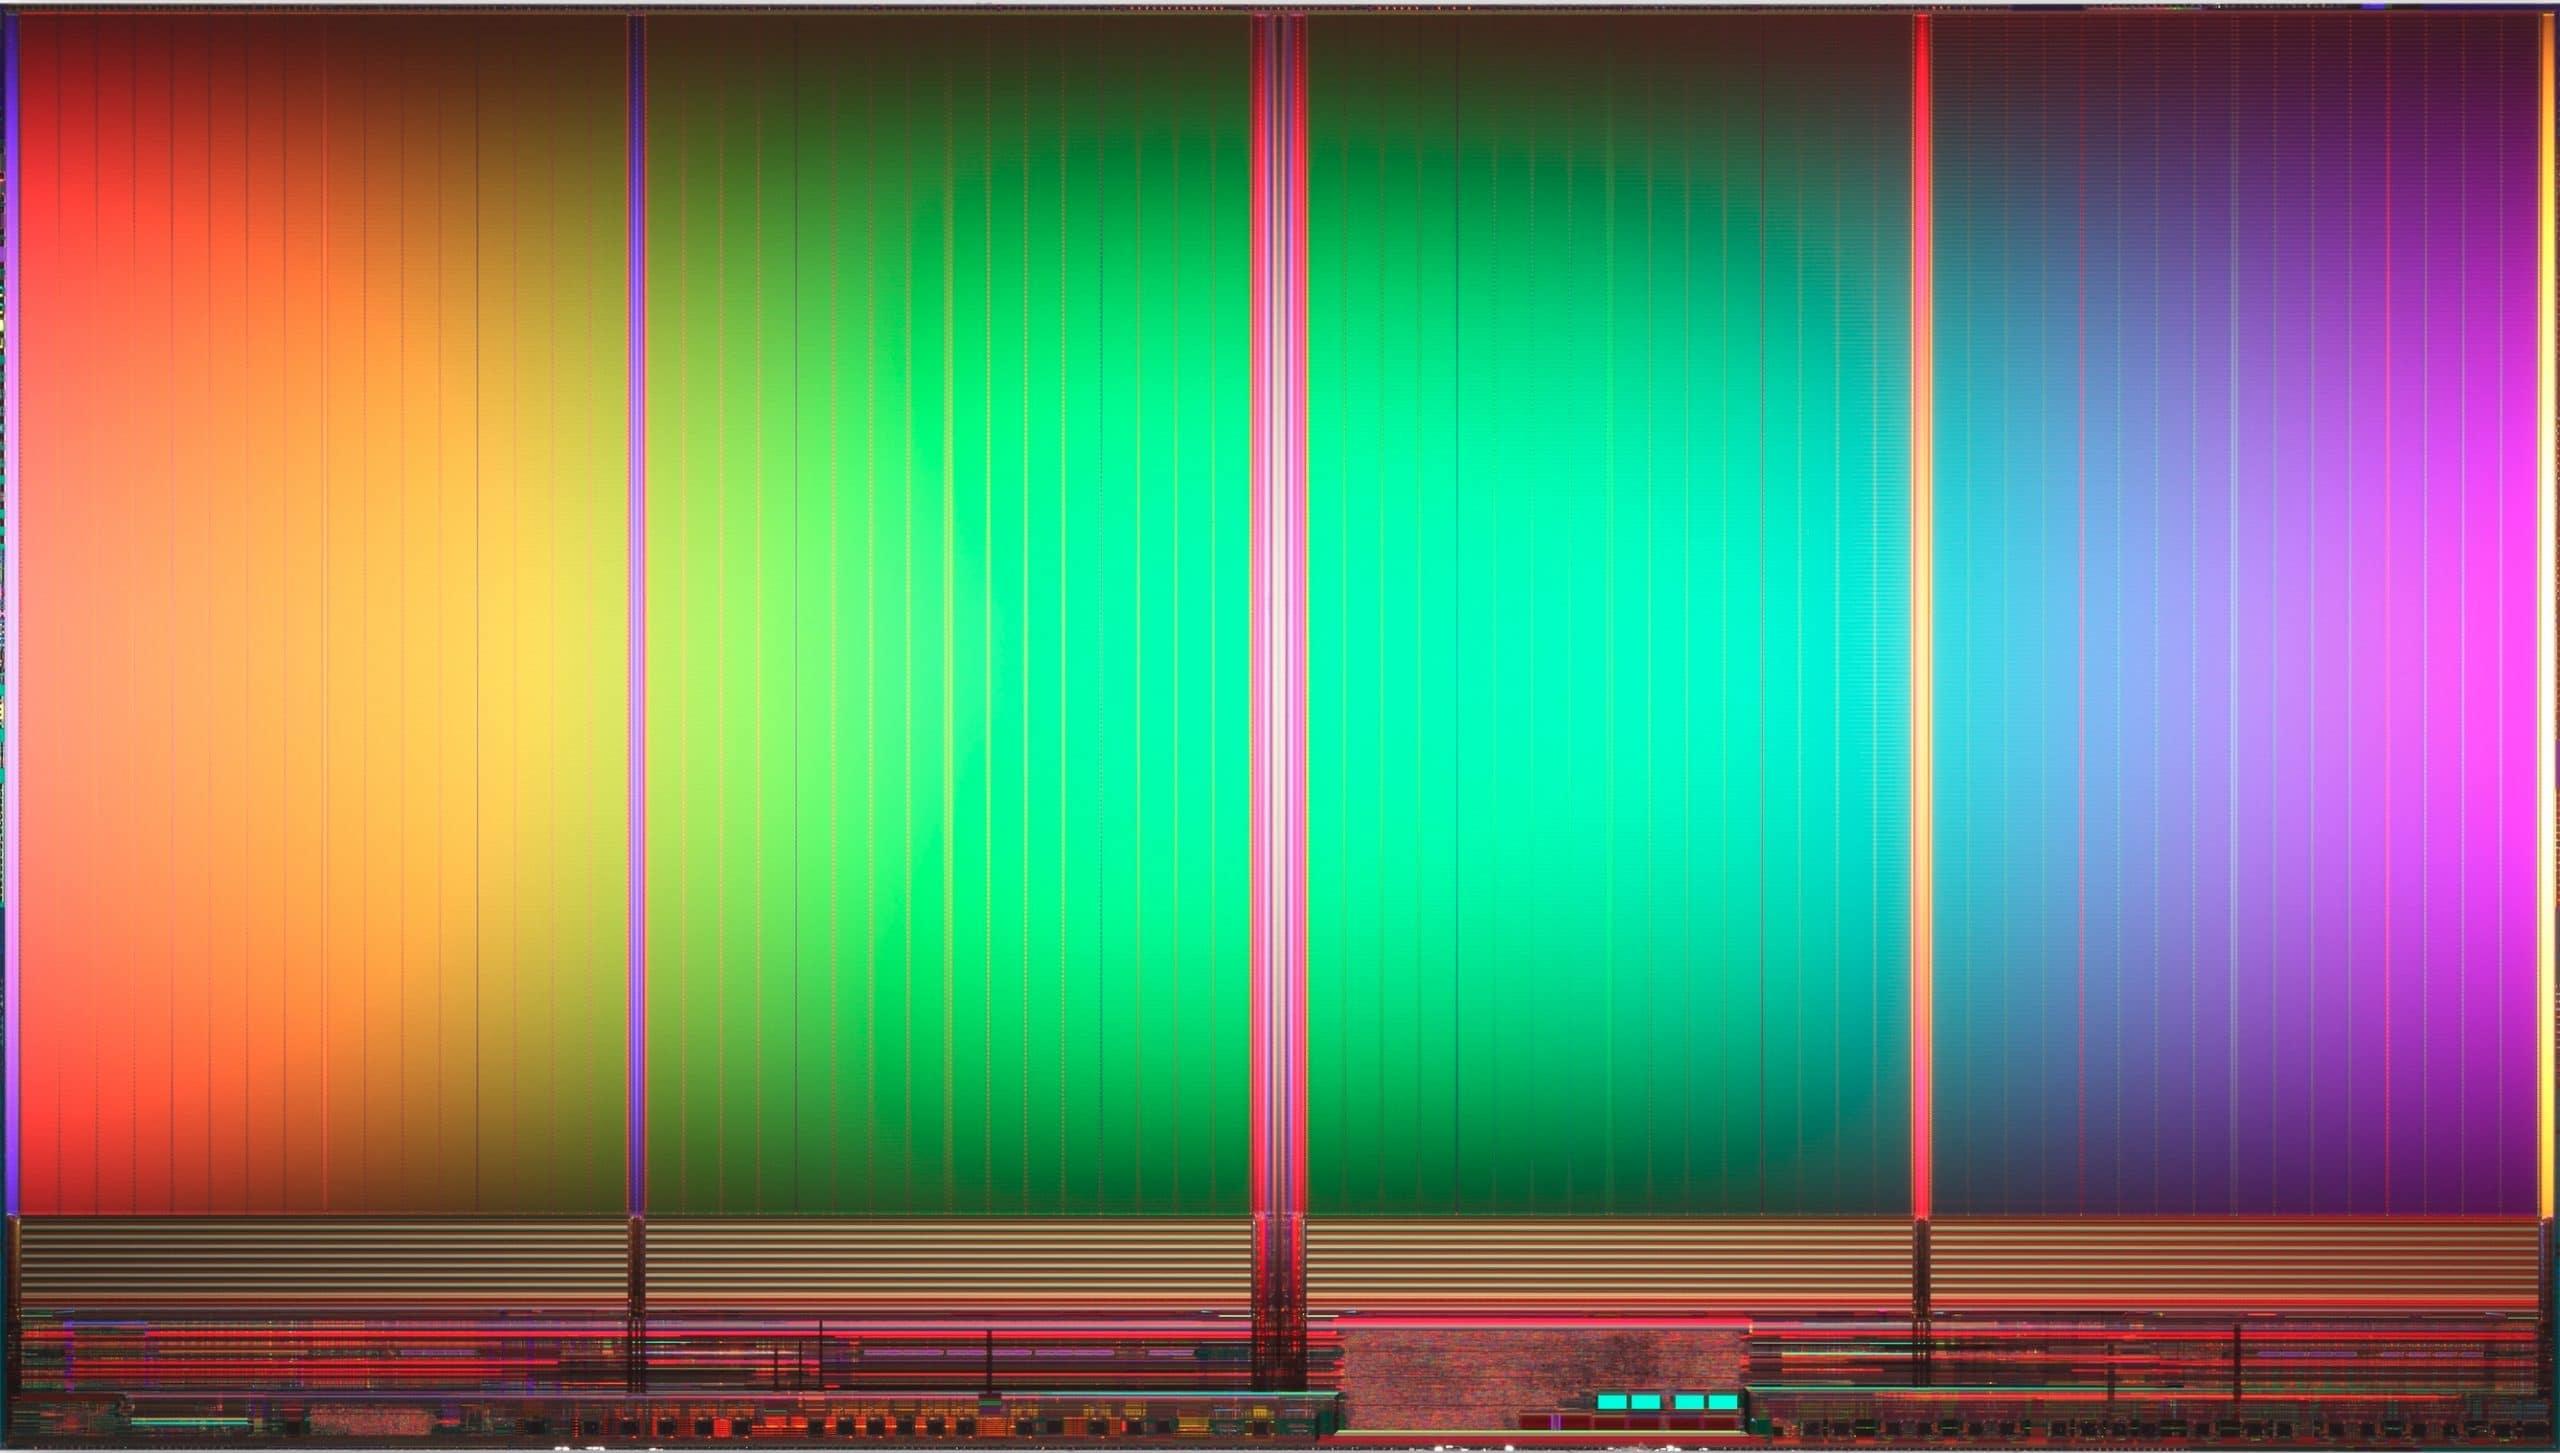 memoria NAND flash de Micron